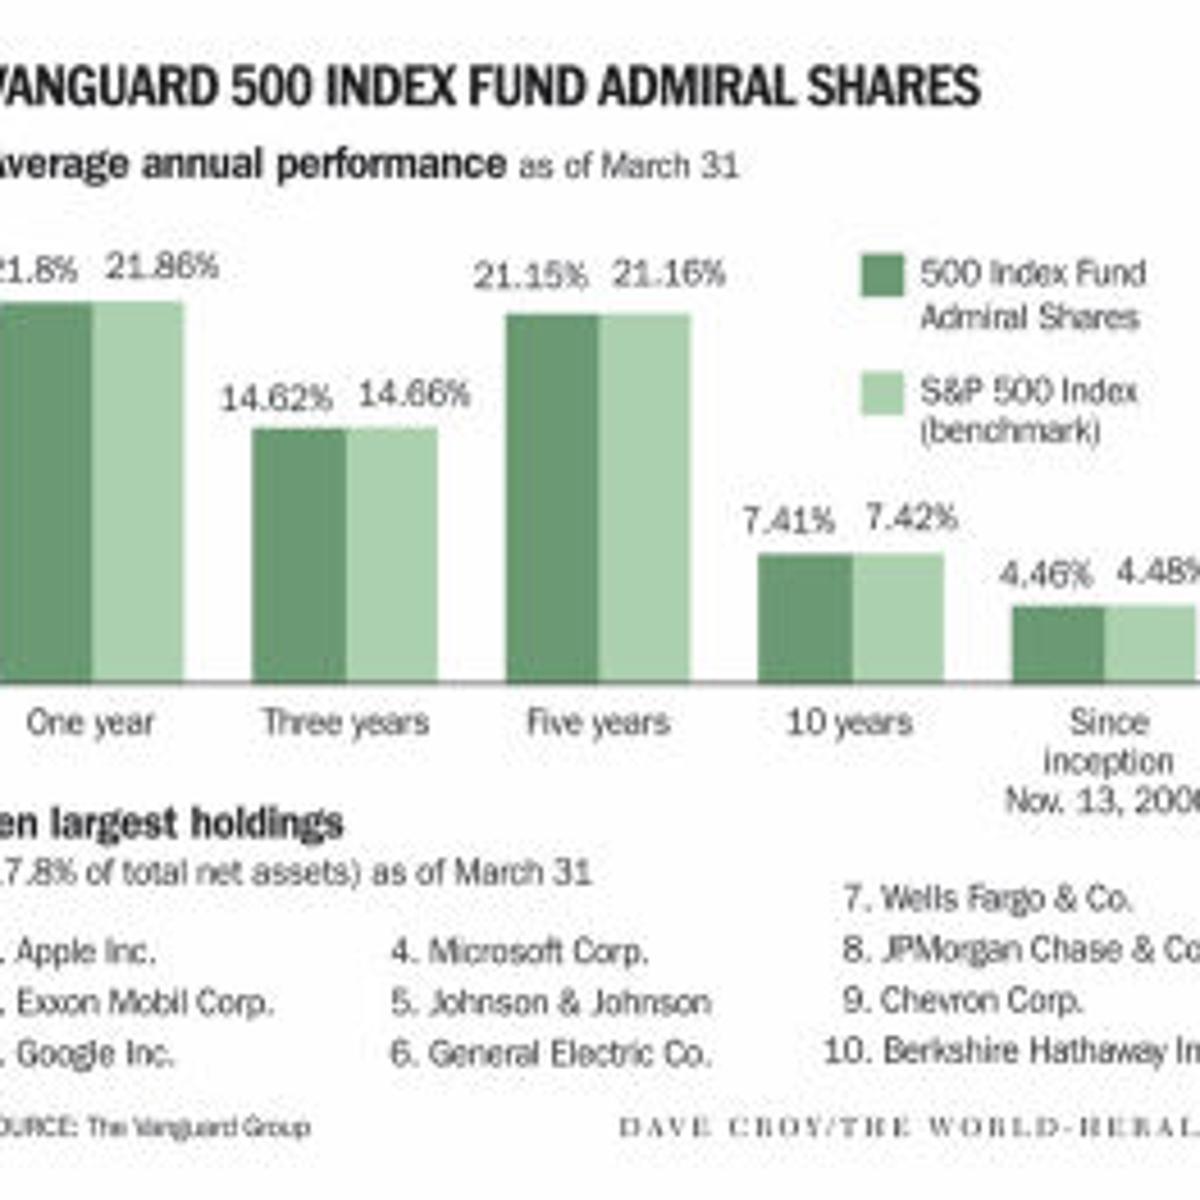 Warren Buffett's plug gives Vanguard a lift | Money | omaha com